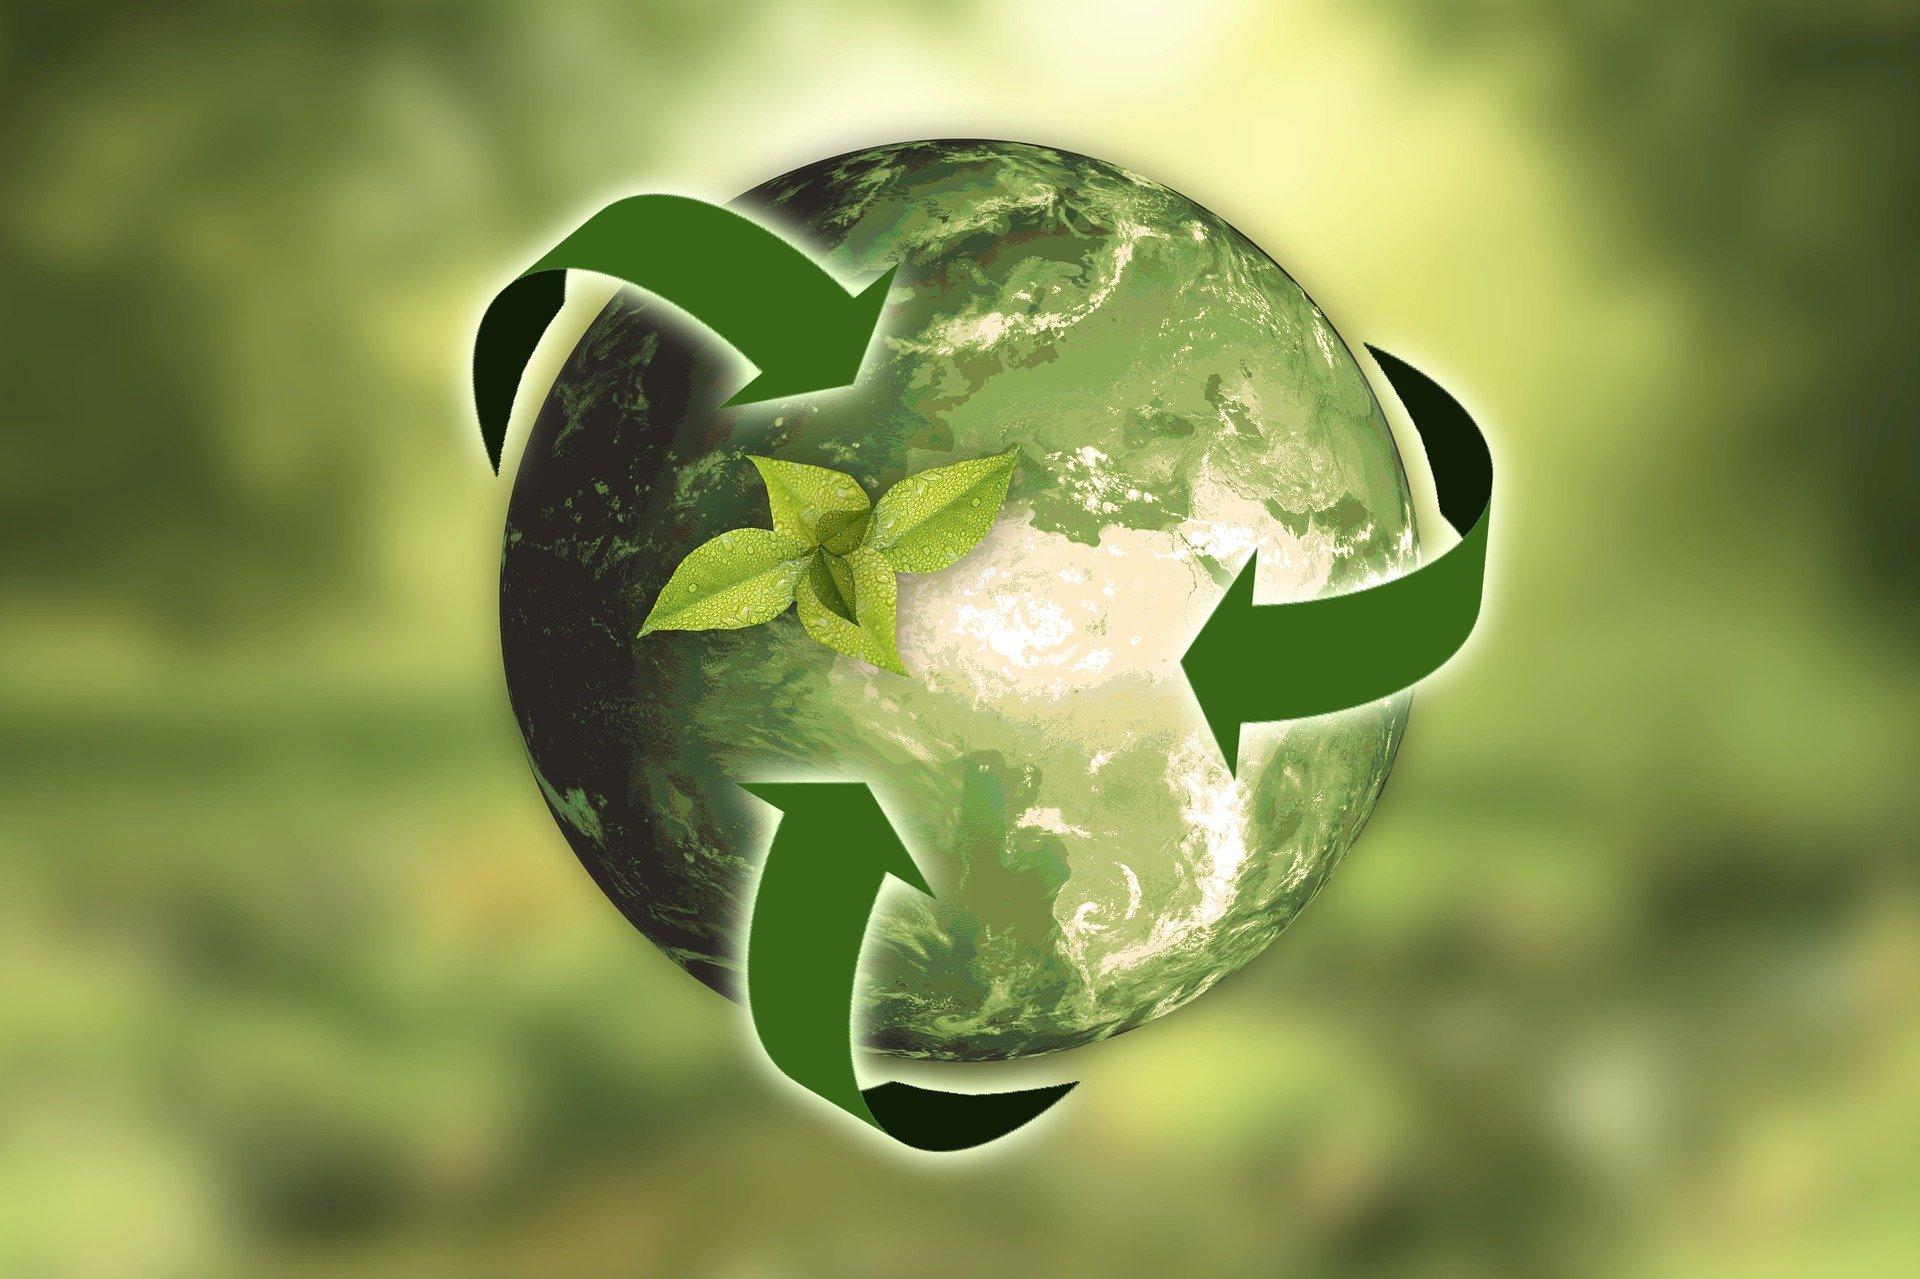 Abbigliamento e accessori ecosostenibili